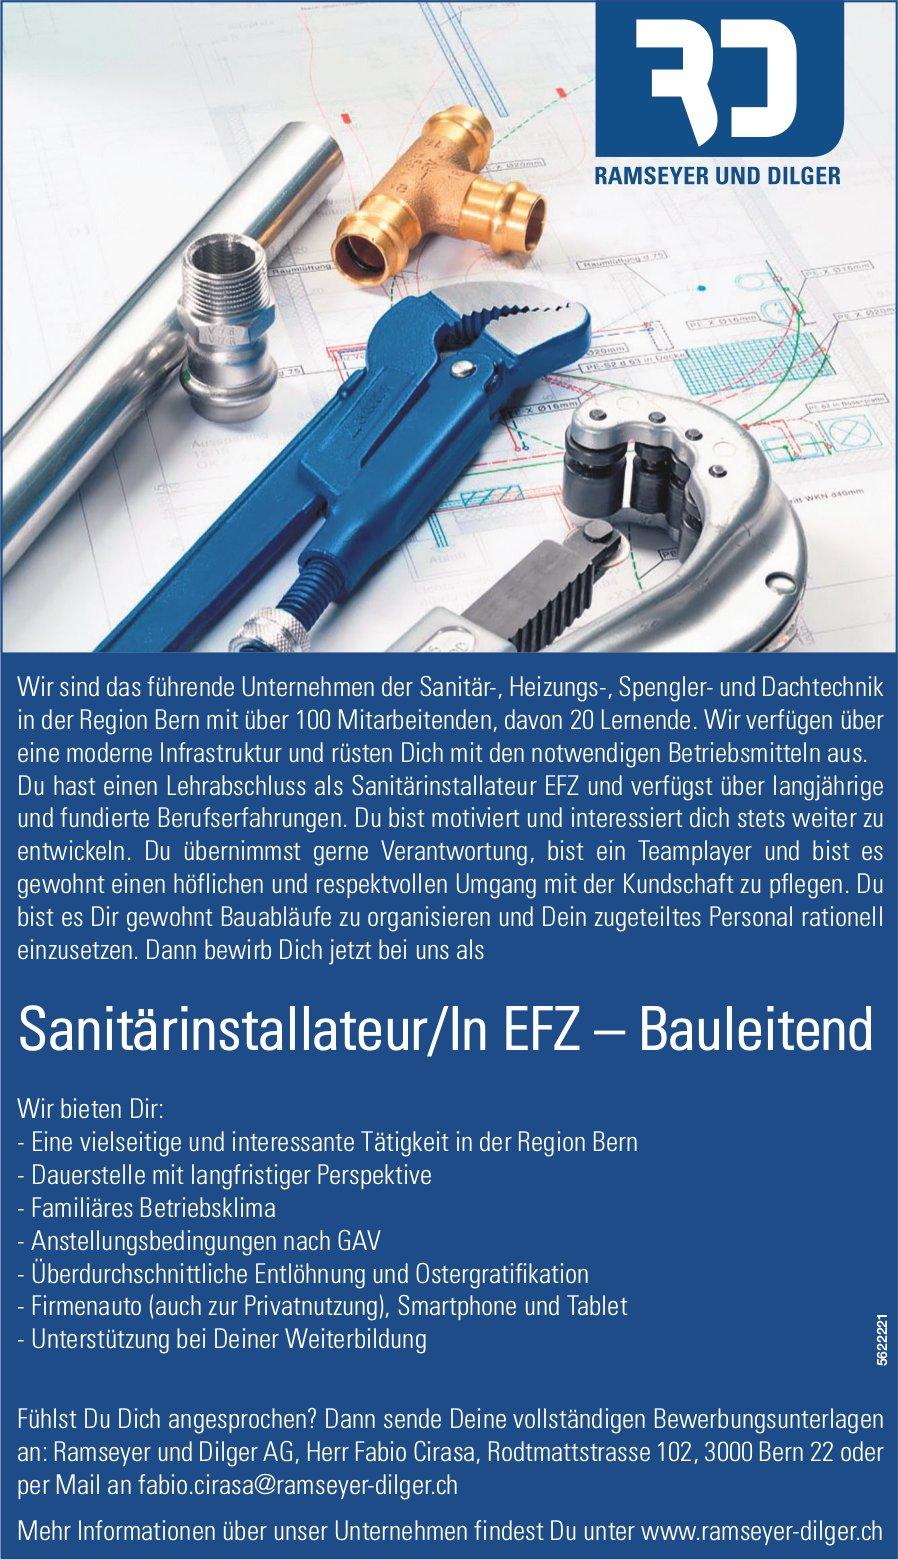 Sanitärinstallateur/In EFZ – Bauleitend, Ramseyer und Dilger AG, Bern, gesucht